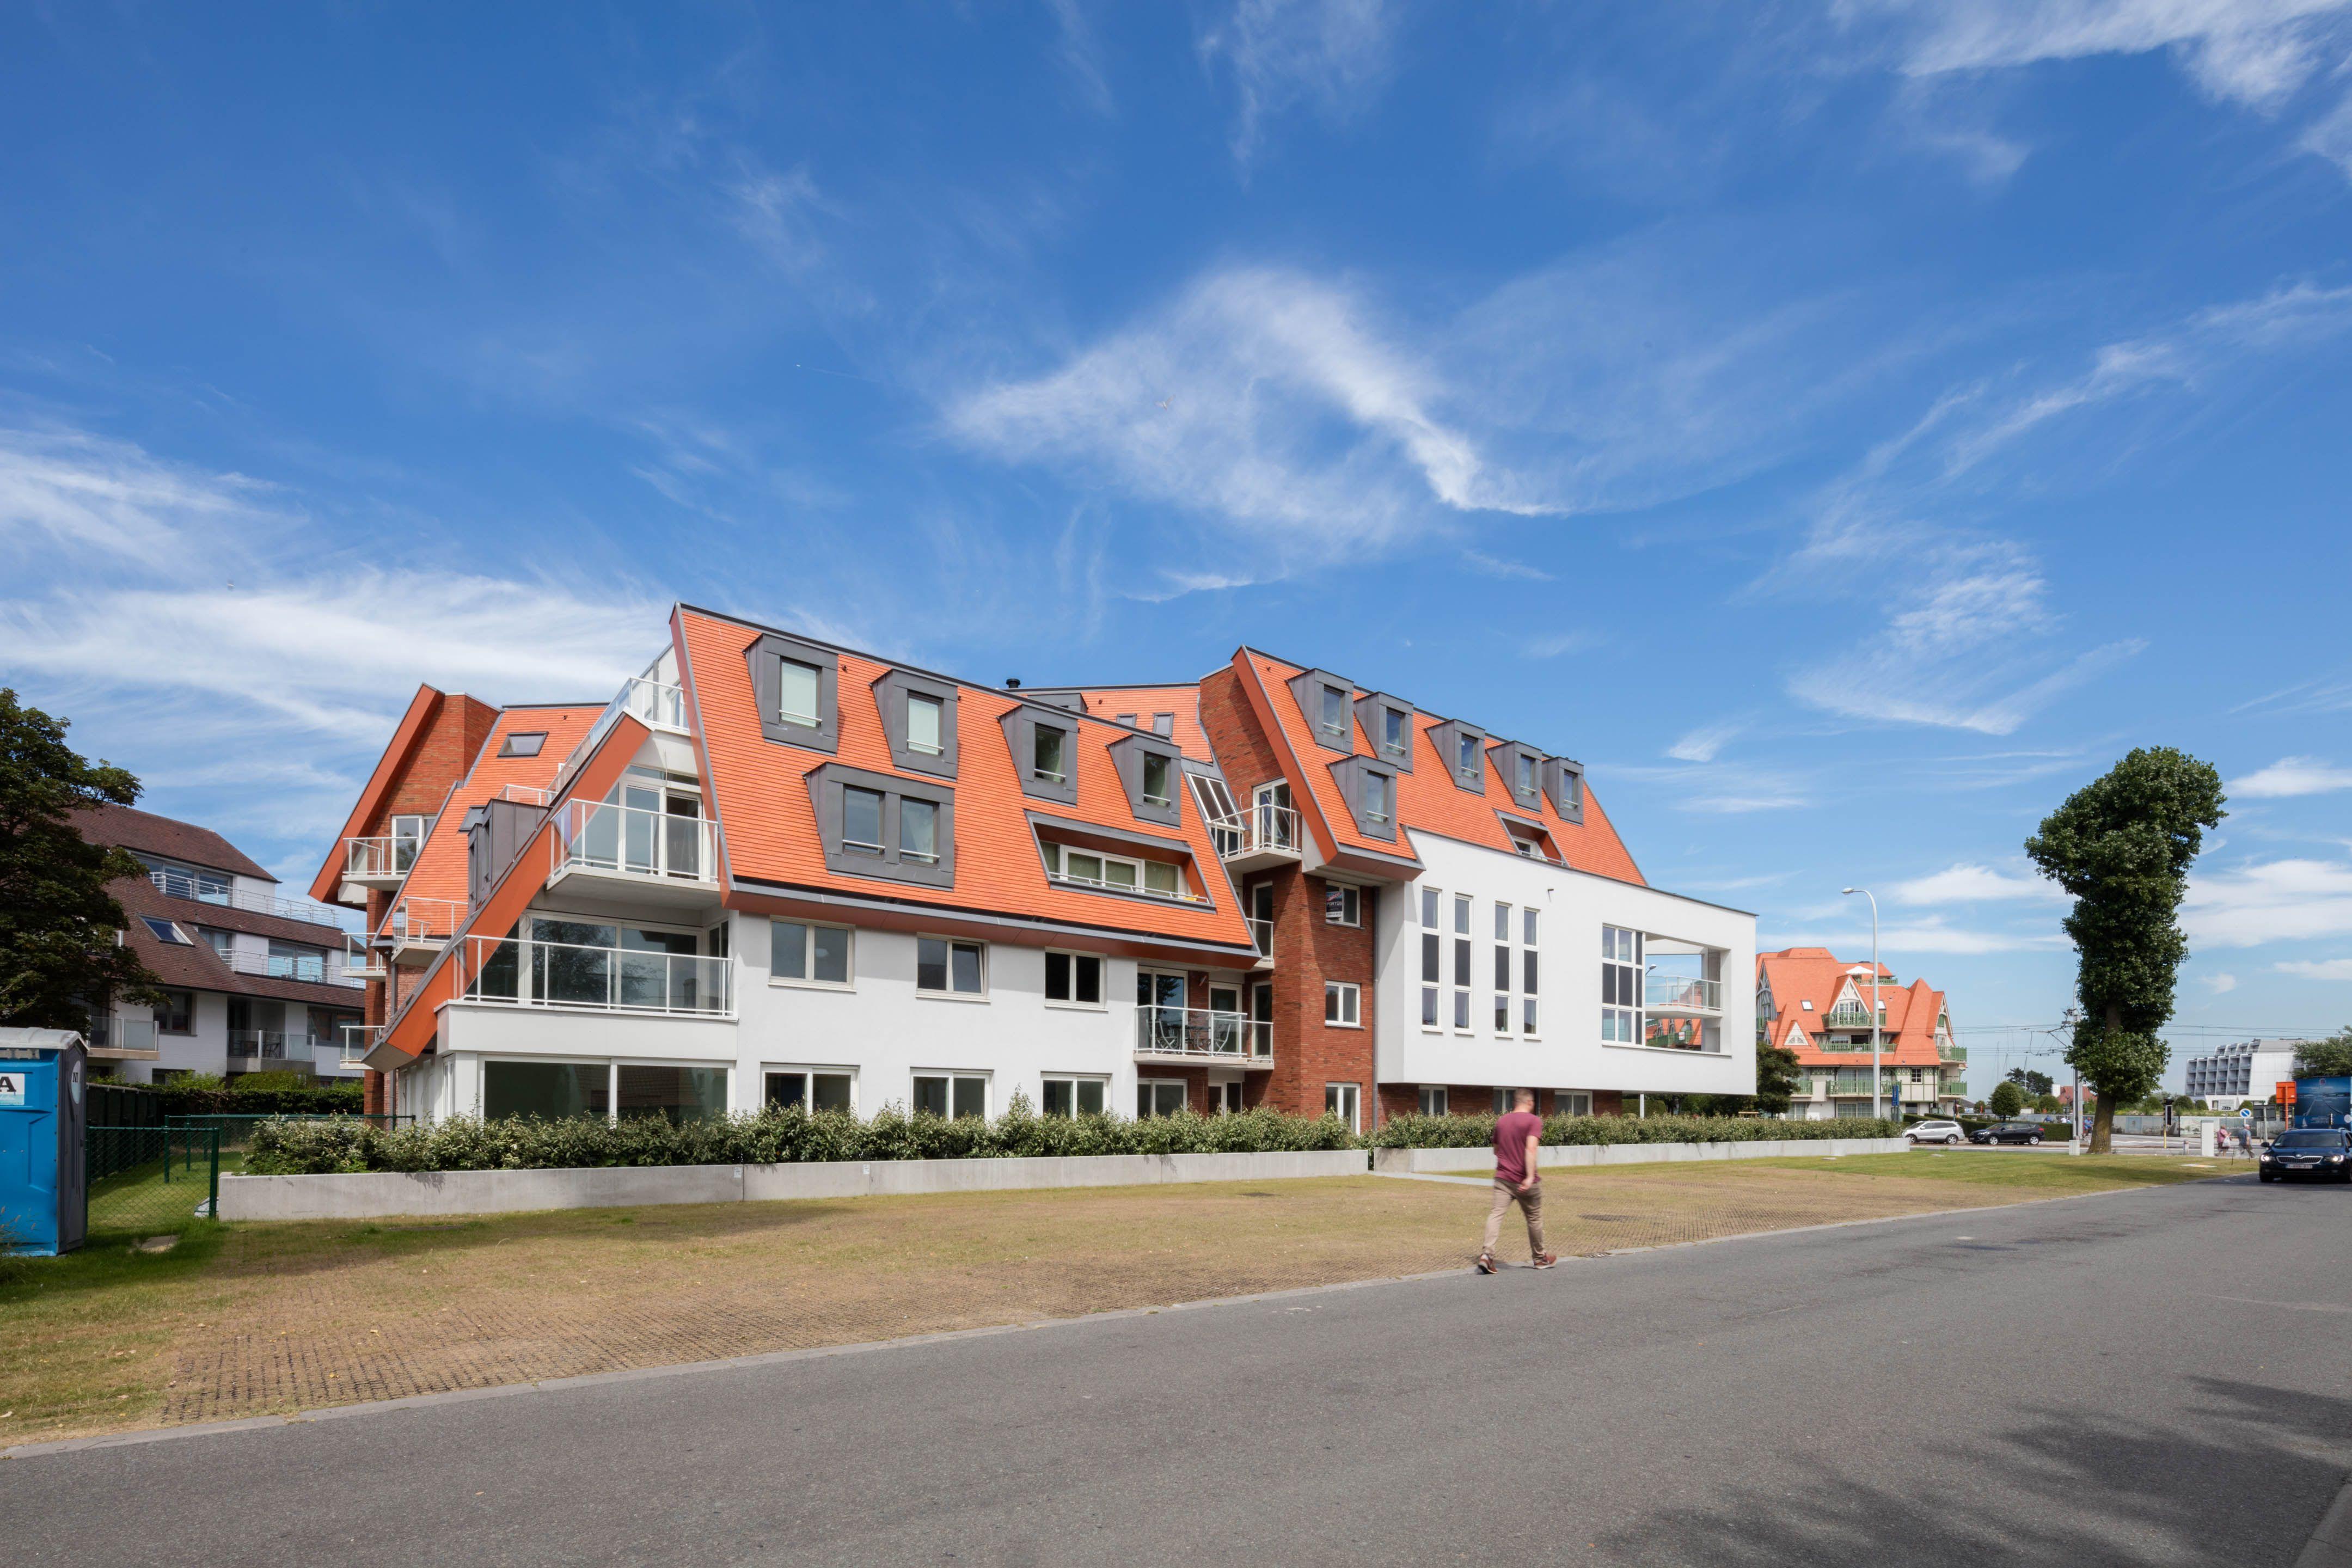 Appartement Residentie Villa Crombez Nieuwpoort - 9796